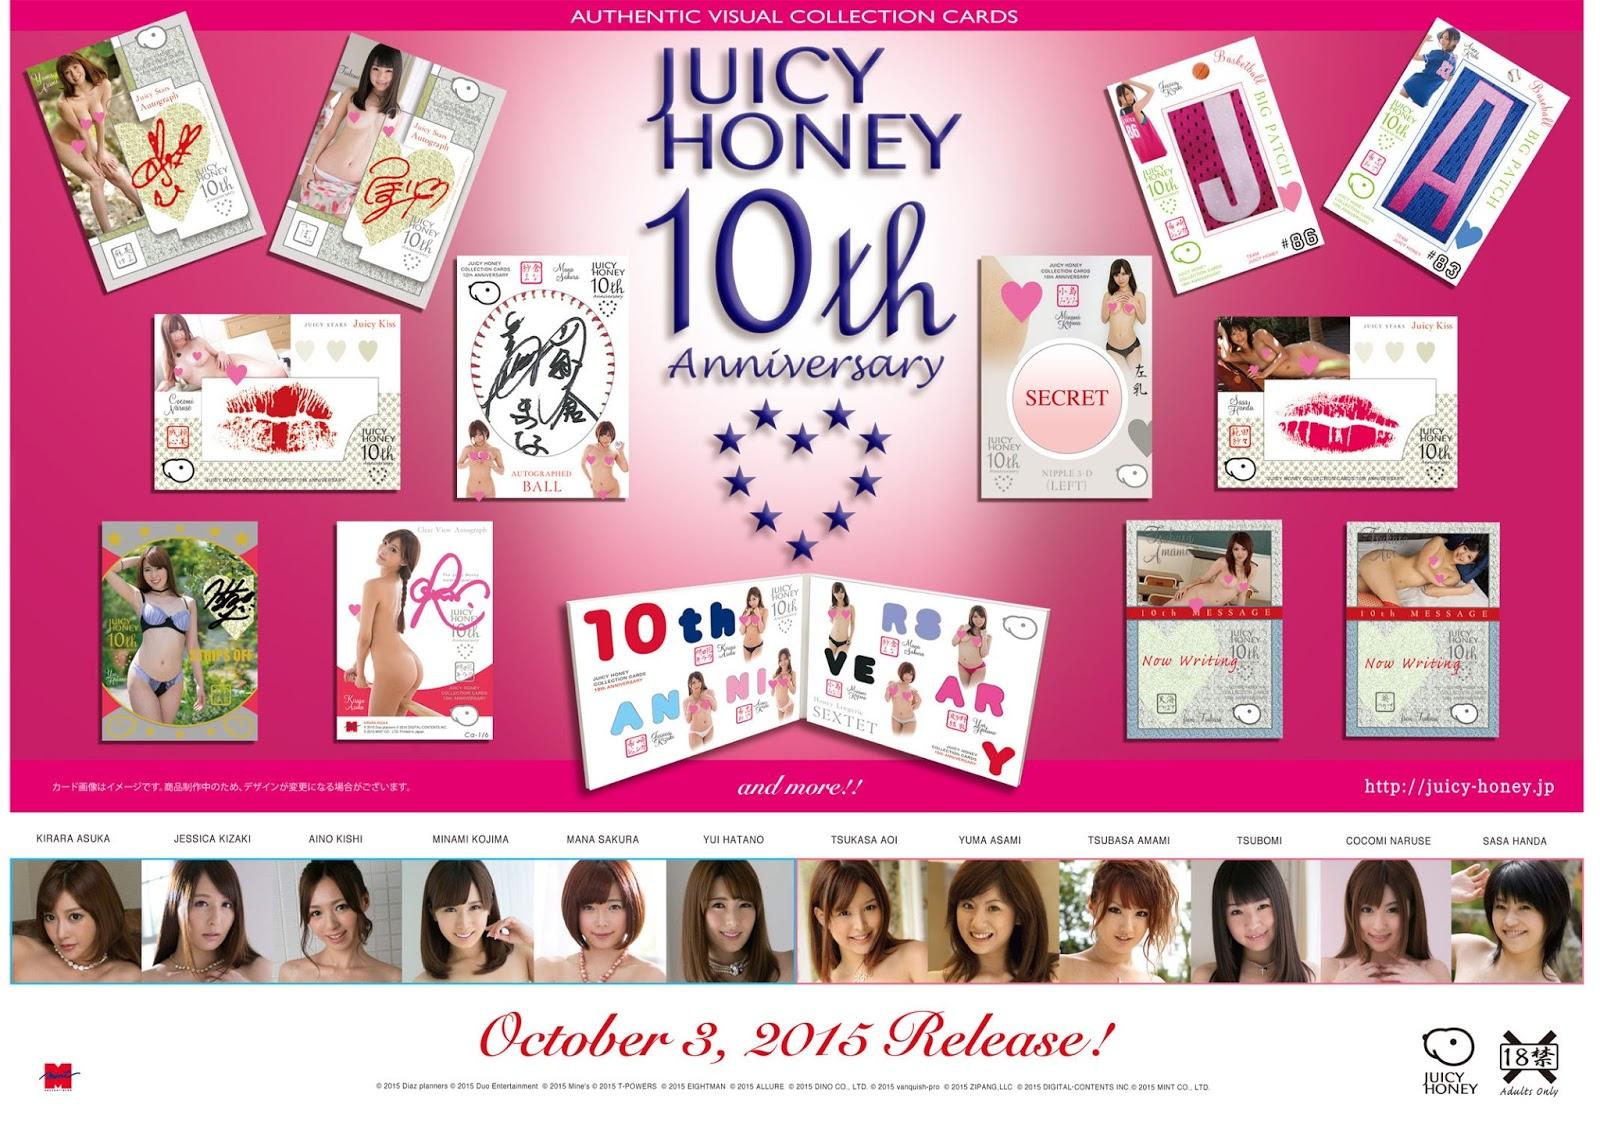 限定卡滿載!Juicy Honey 10TH Anniversary開箱